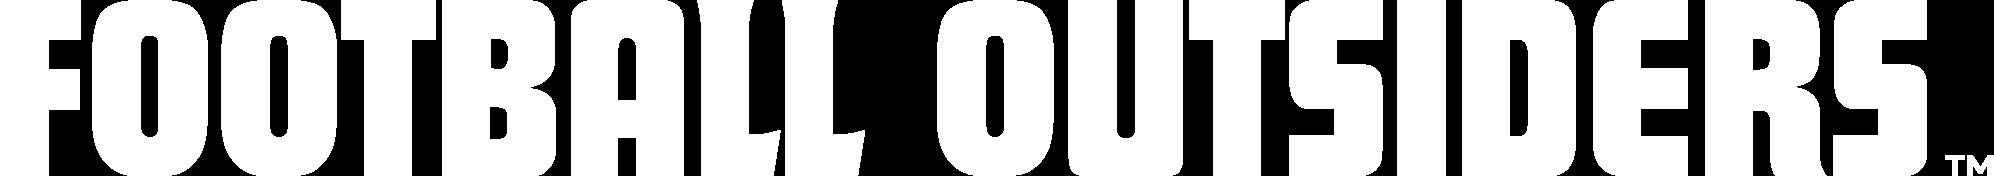 Football Outsiders logo